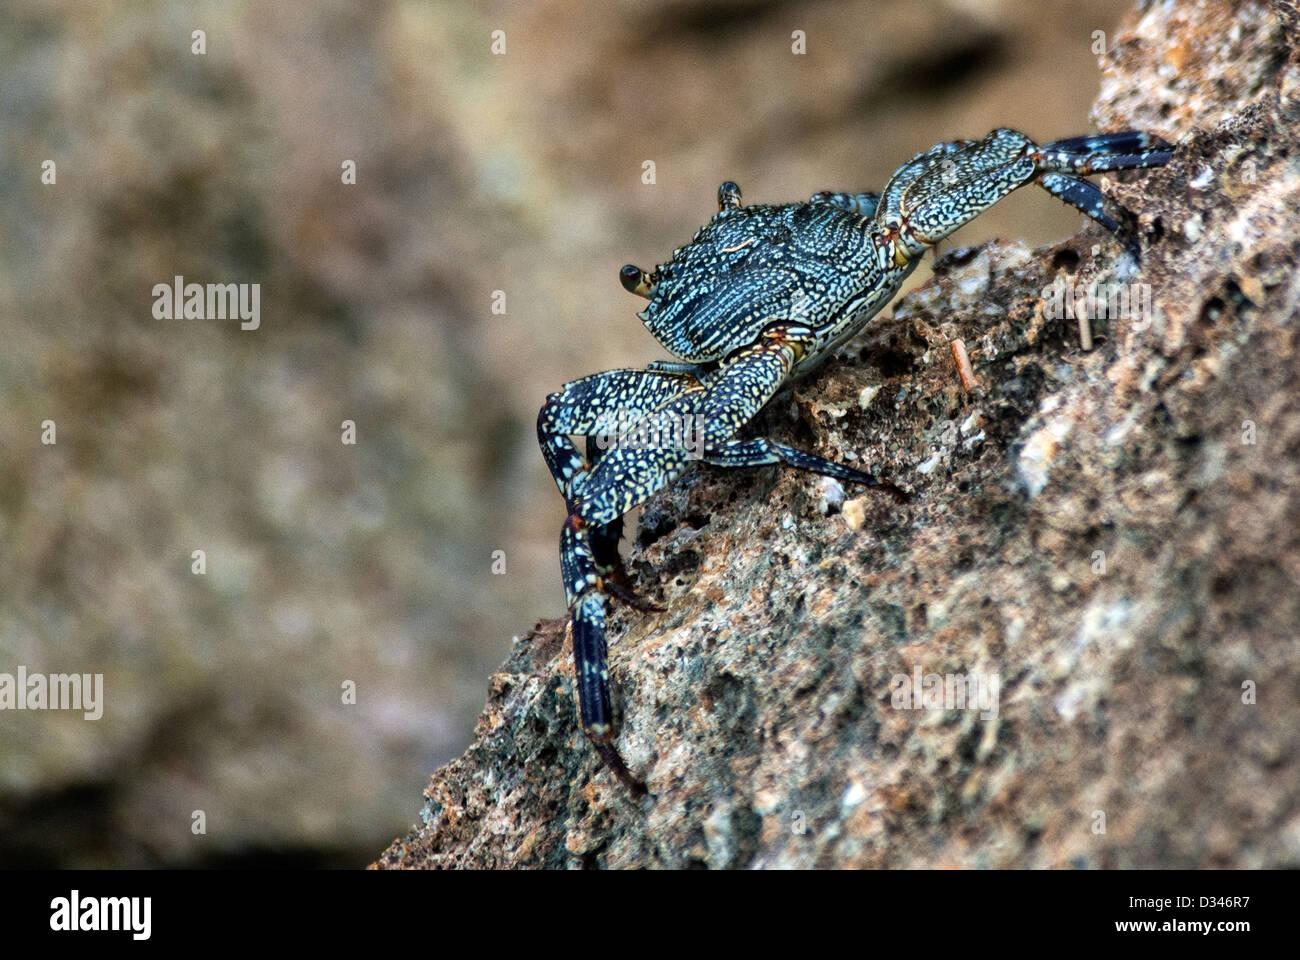 Rock Crab Grapsus tenuicrustatus Ka'ena Point Natural Reserve Hawaii USA - Stock Image